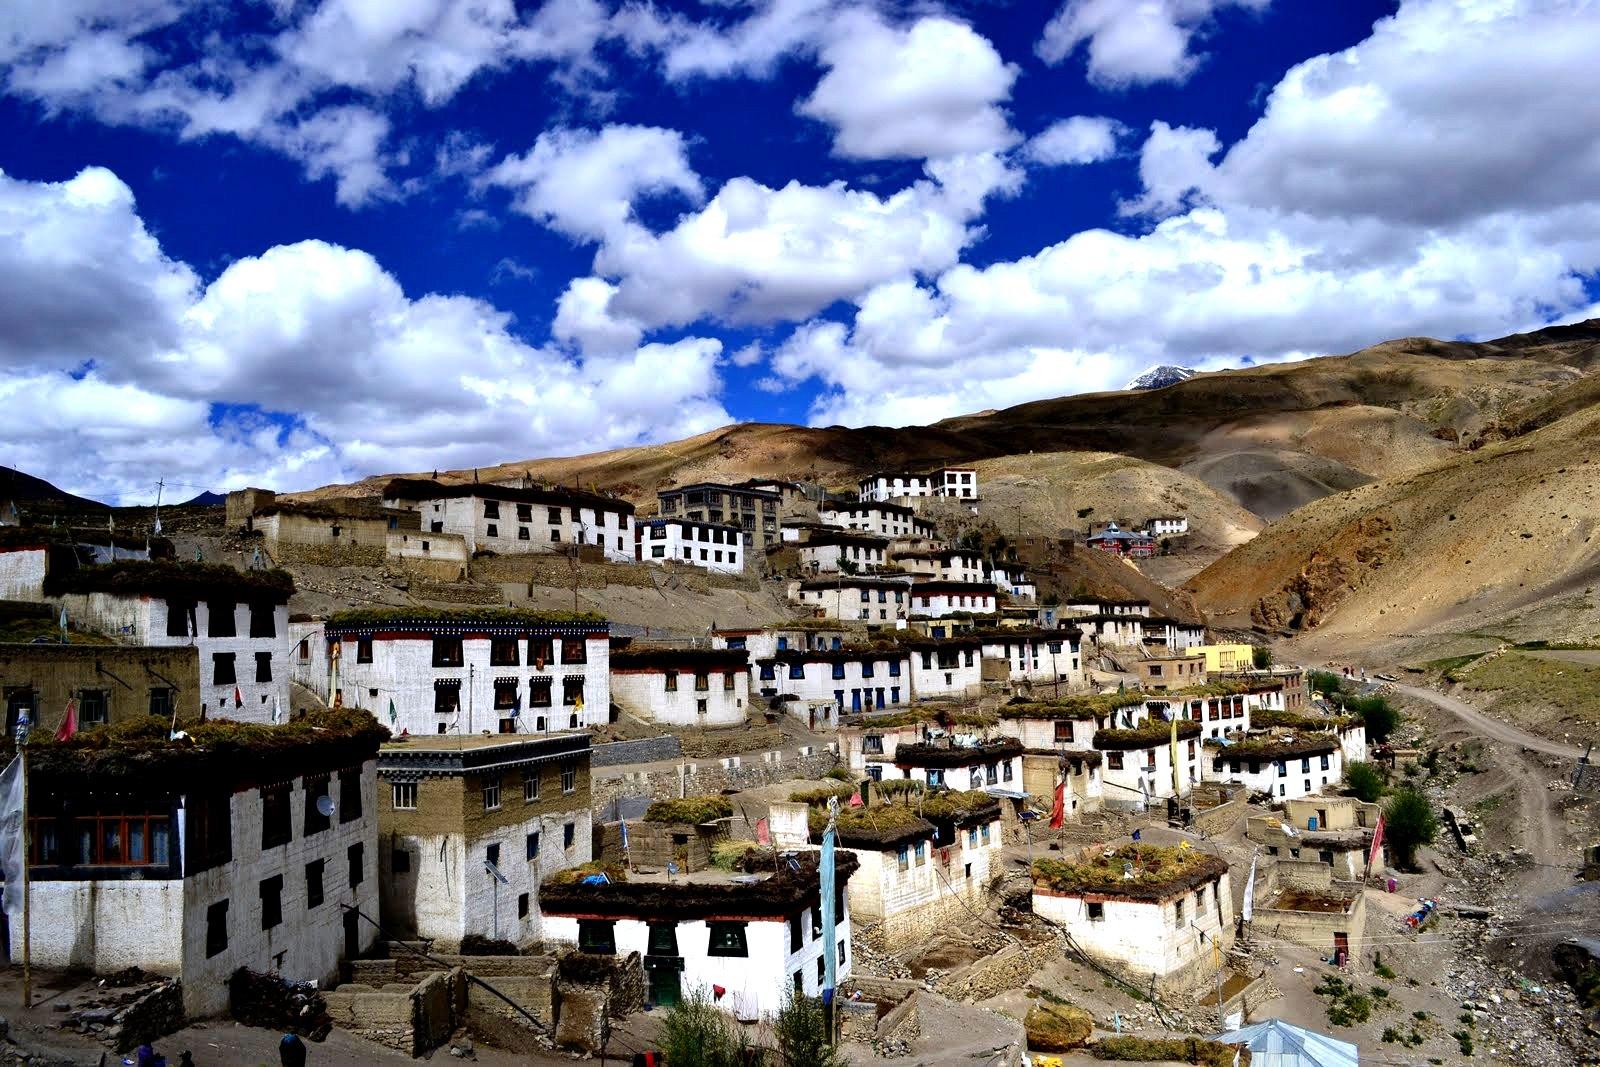 жилища буддийских монахов